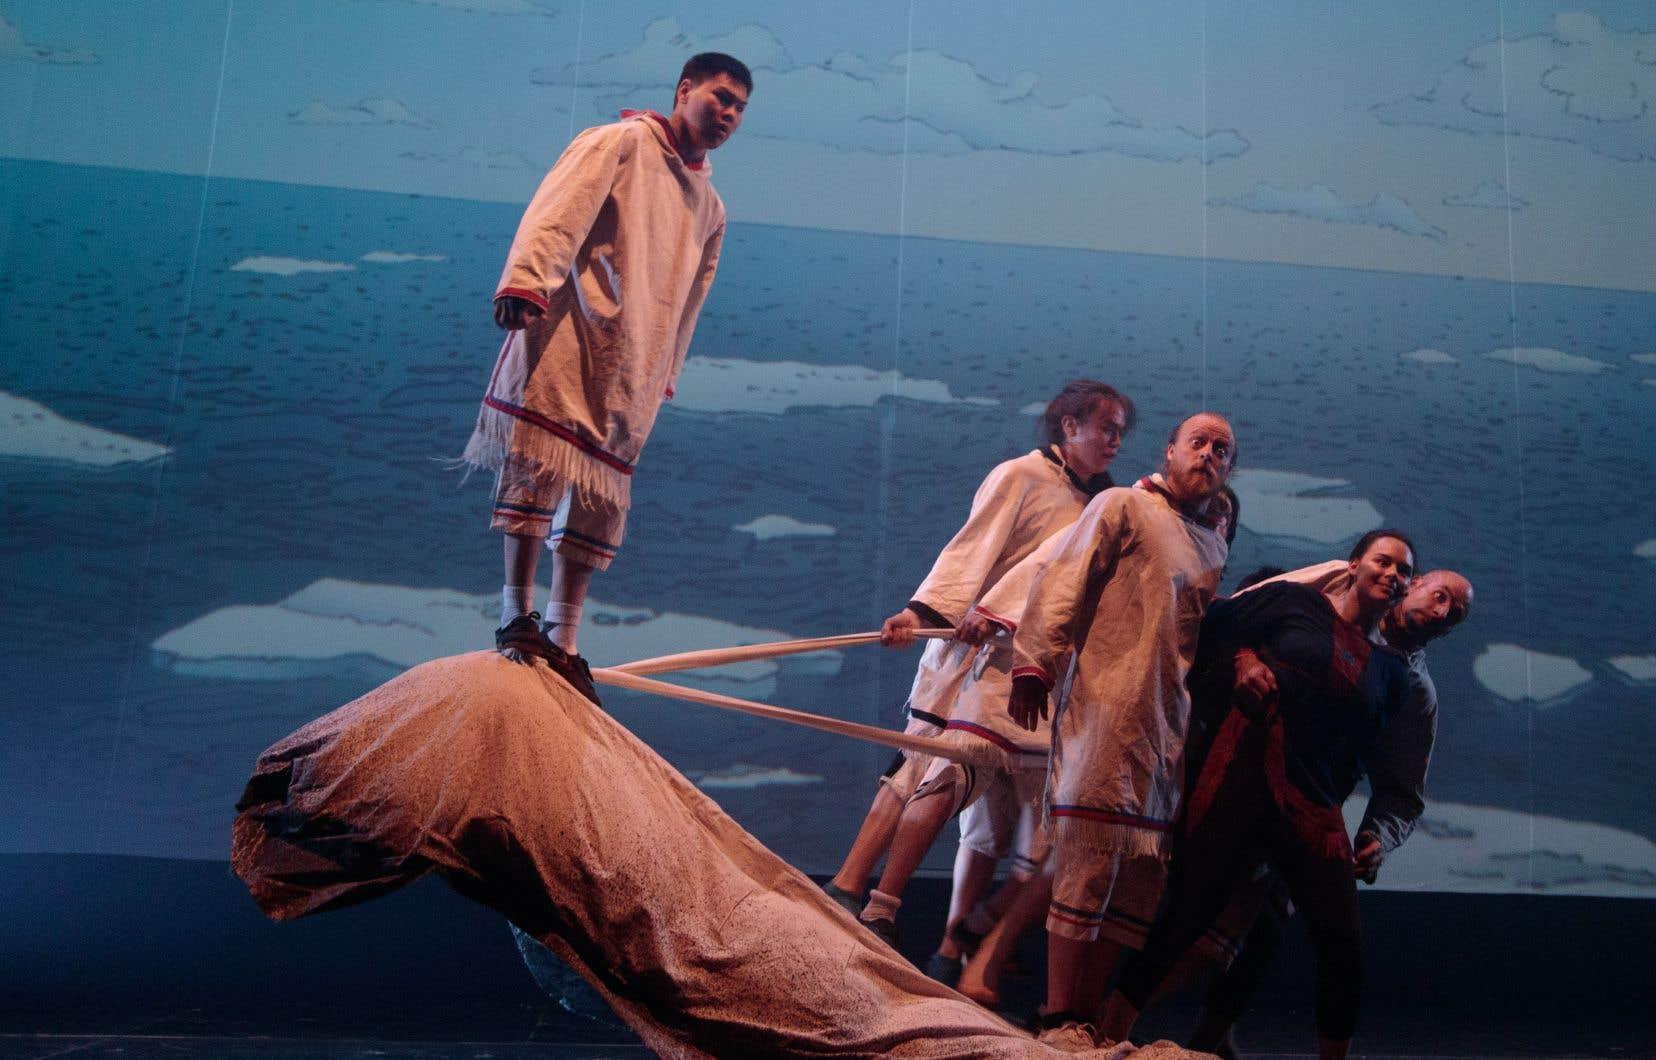 <em>Unikkaaqtuat</em>s'appuie sur des traditions orales inuites menacées afin de créer des tableaux visuels, musicaux et acrobatiques qui s'avèrent d'une grande beauté.